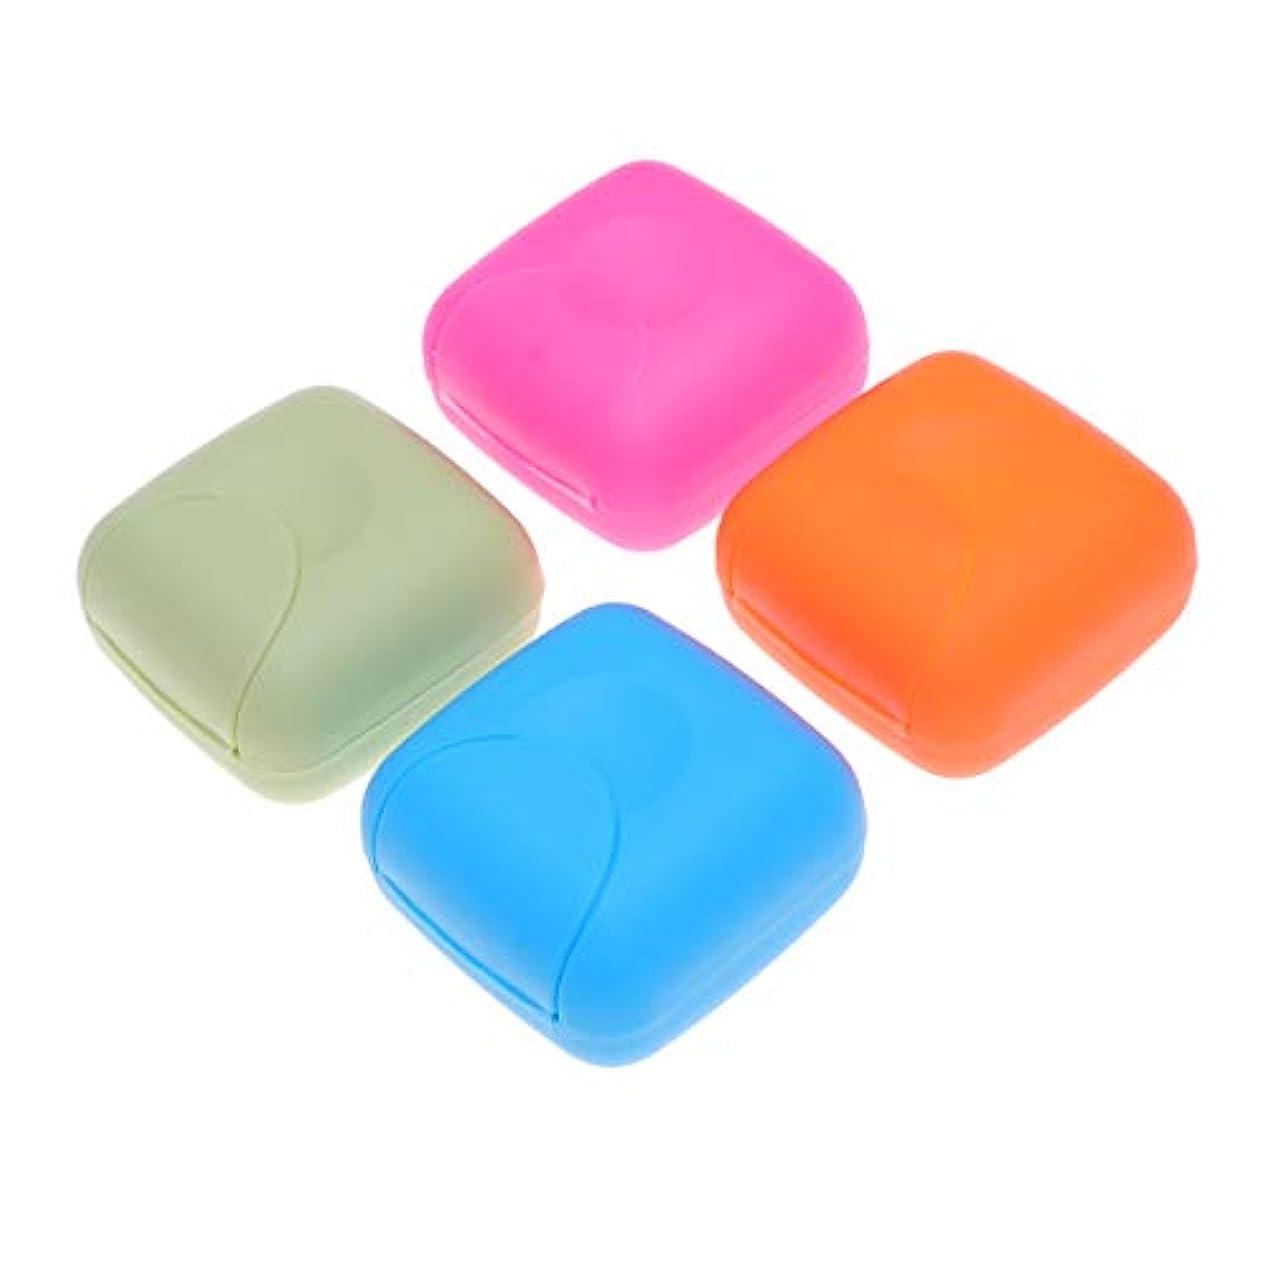 耐久被害者勇気Healifty ソープボックスポータブルソープディッシュソープケース4本(ブルー、ロージー、オレンジ、ピンク)